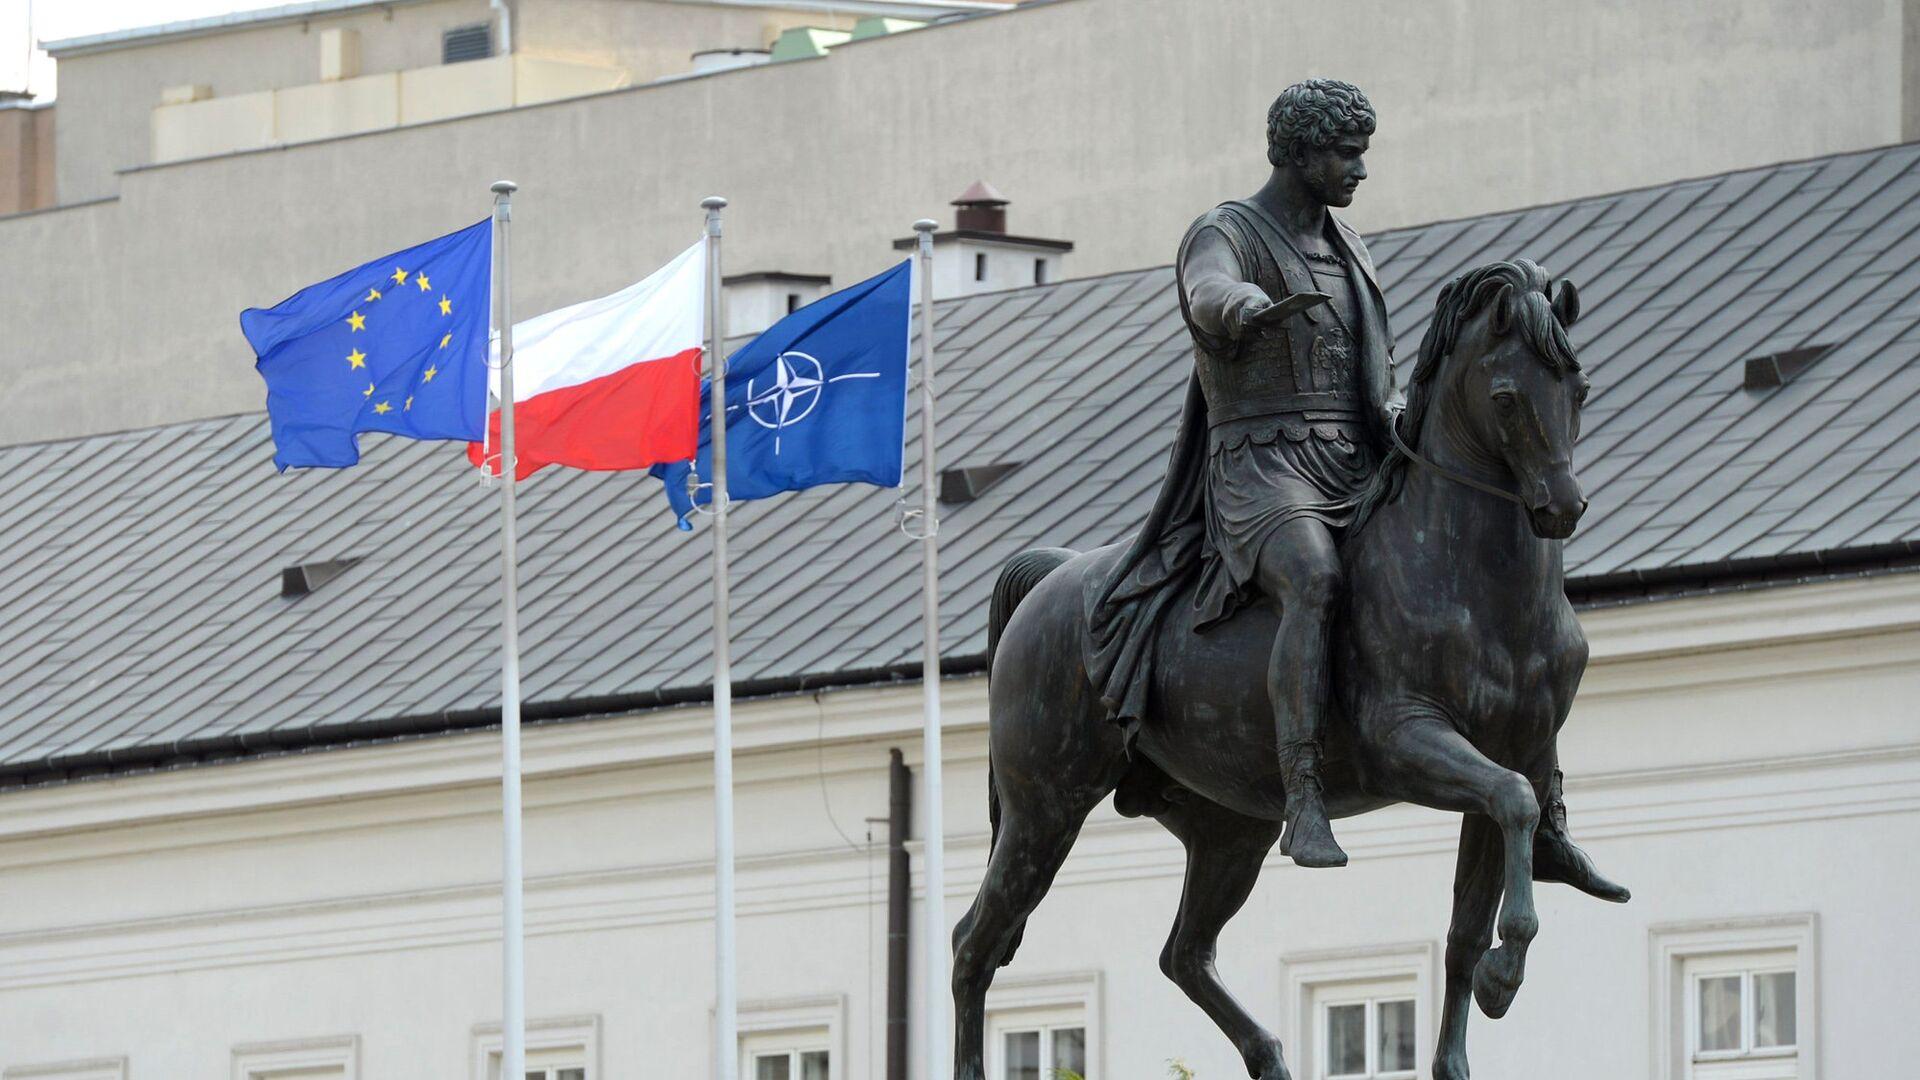 Флаги Польши, ЕС и НАТО в Варшаве - РИА Новости, 1920, 05.04.2021